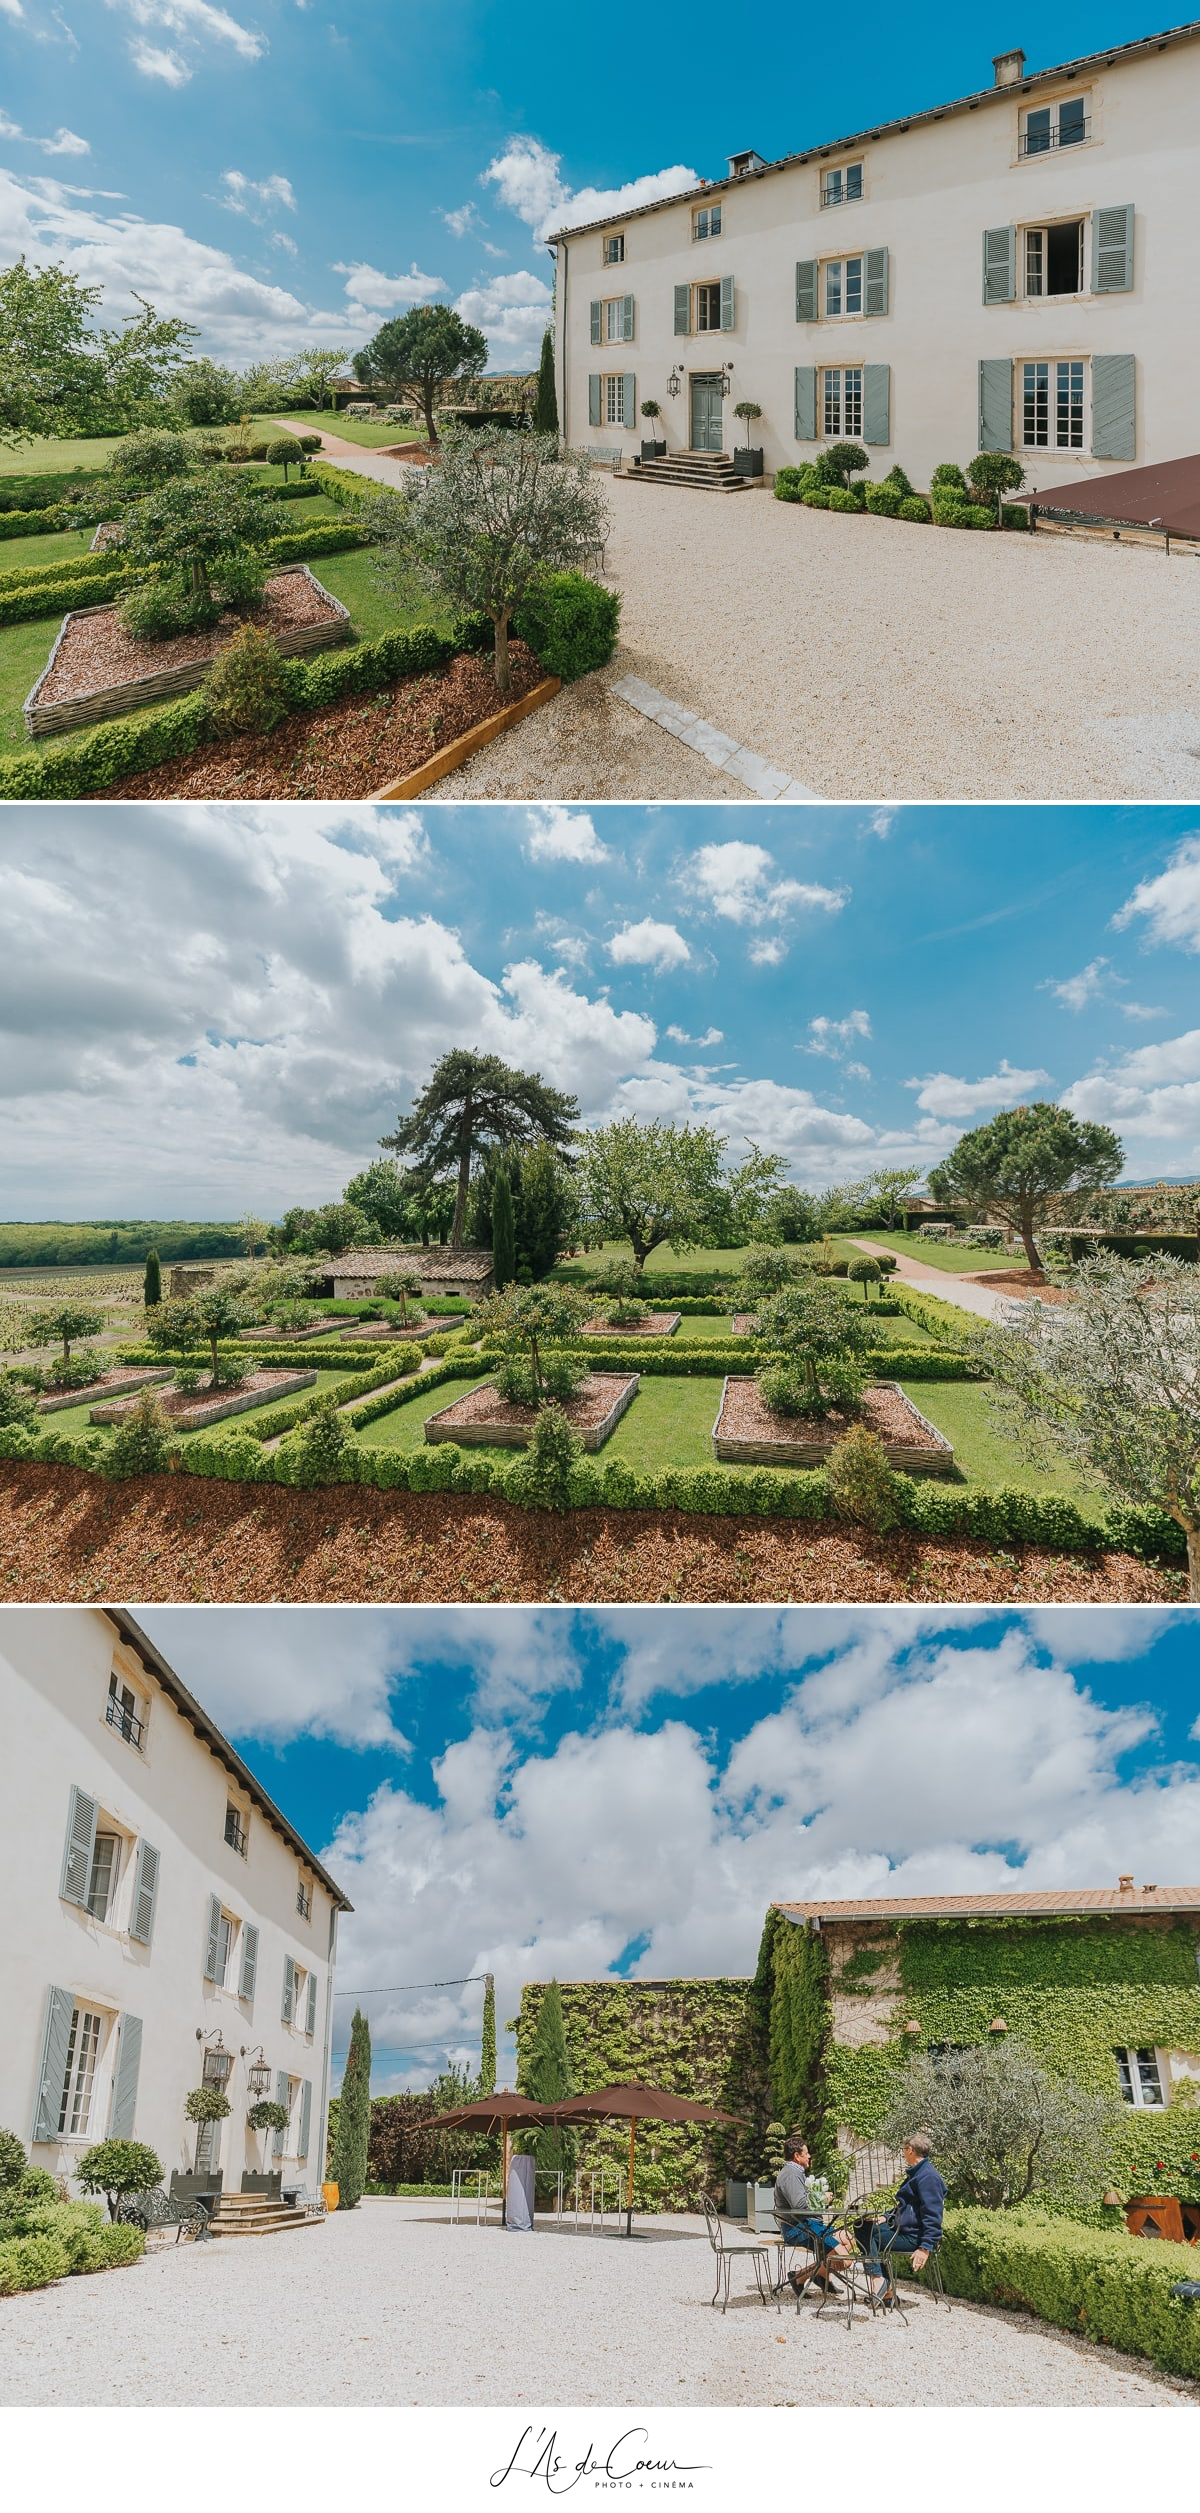 jardins Domaine de Morgon La Javernière photographe mariage lyon Beaujolais L'As de Coeur